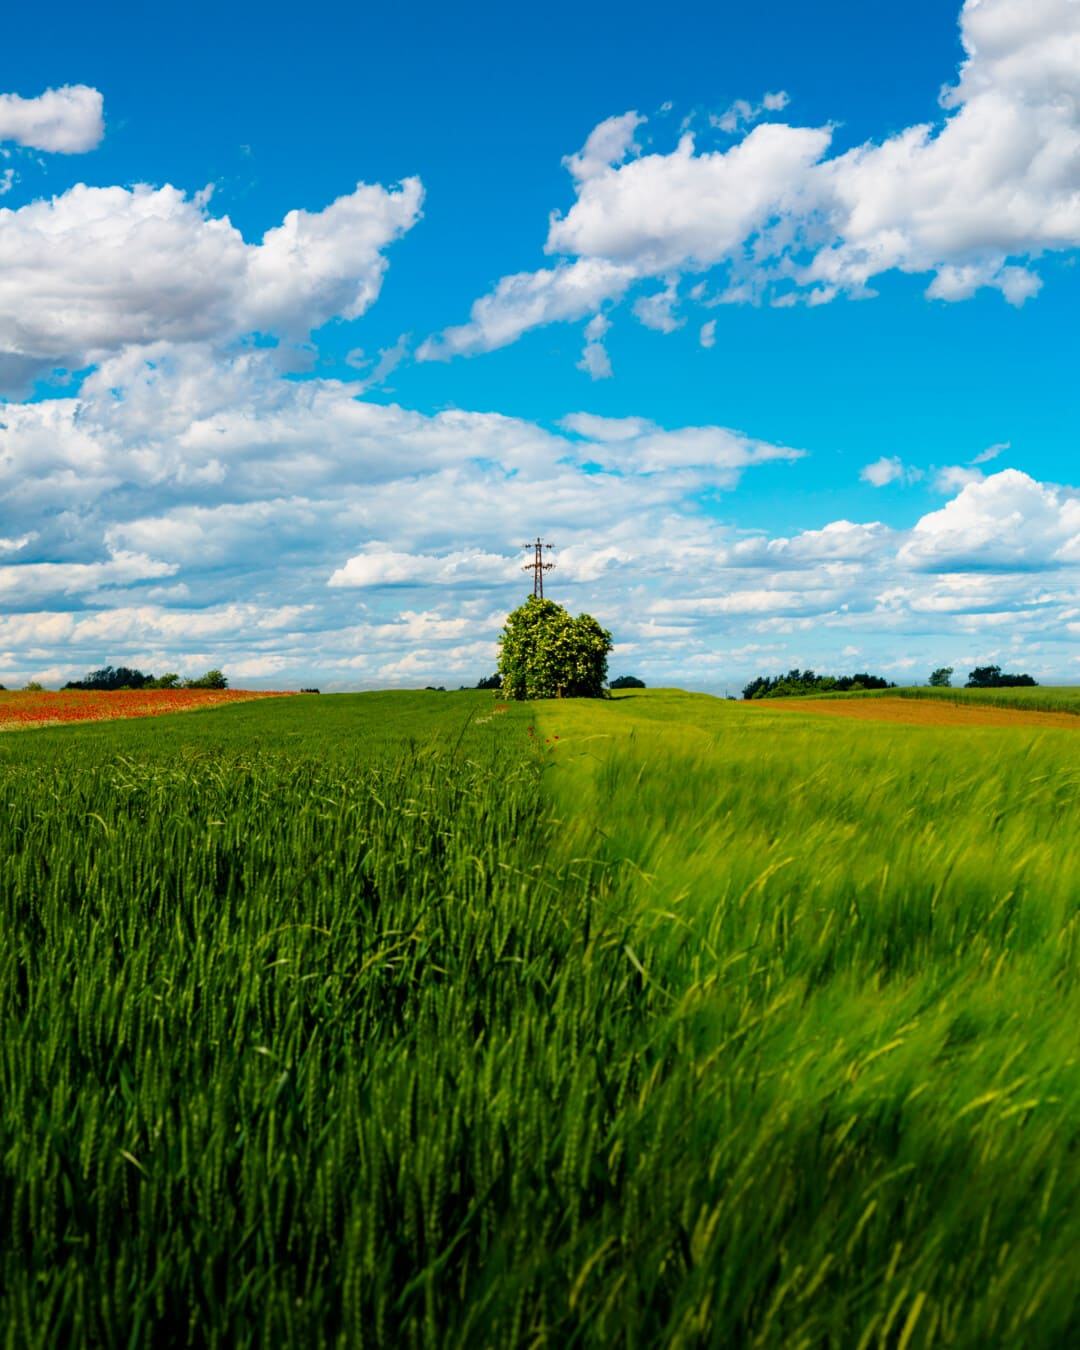 champ de blé, domaine, seigle, heure d'été, blé, nuage, grain, prairie, paysage, herbe